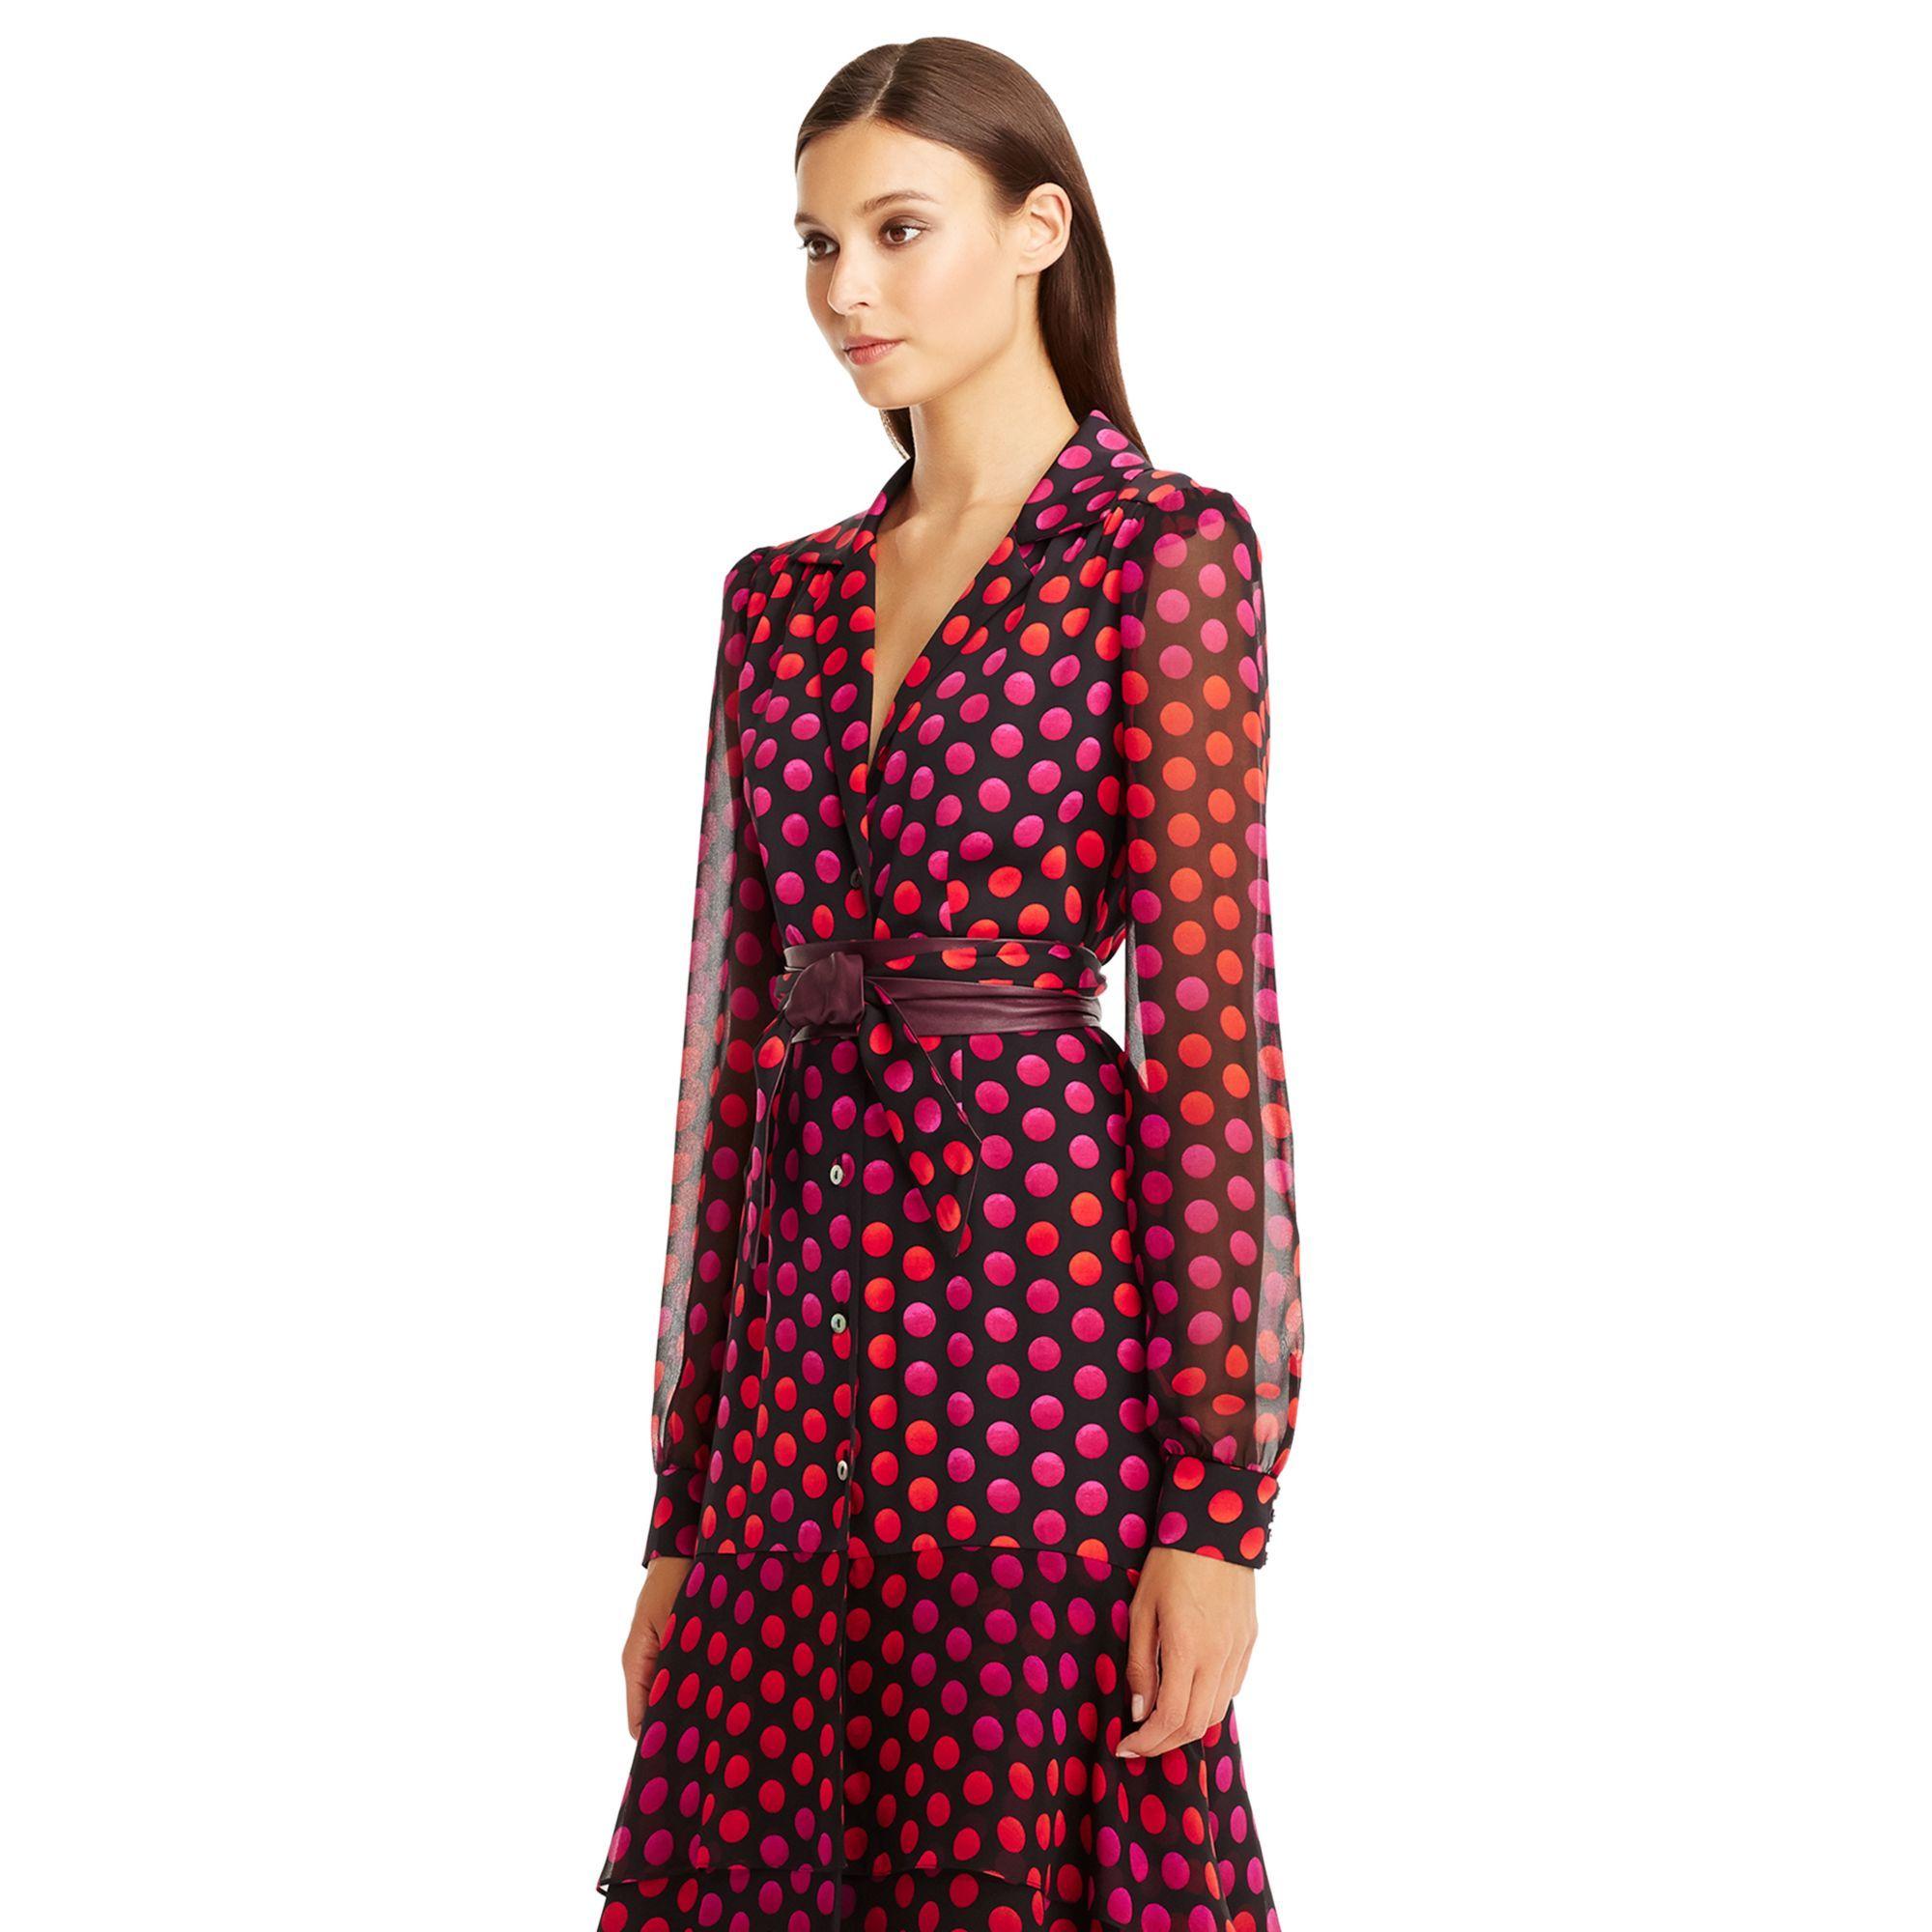 diane-von-furstenberg-gfdzd-dvf-catherine-two-silk-shirt-dress-product-2-512326069-normal.jpeg (2000×2000)